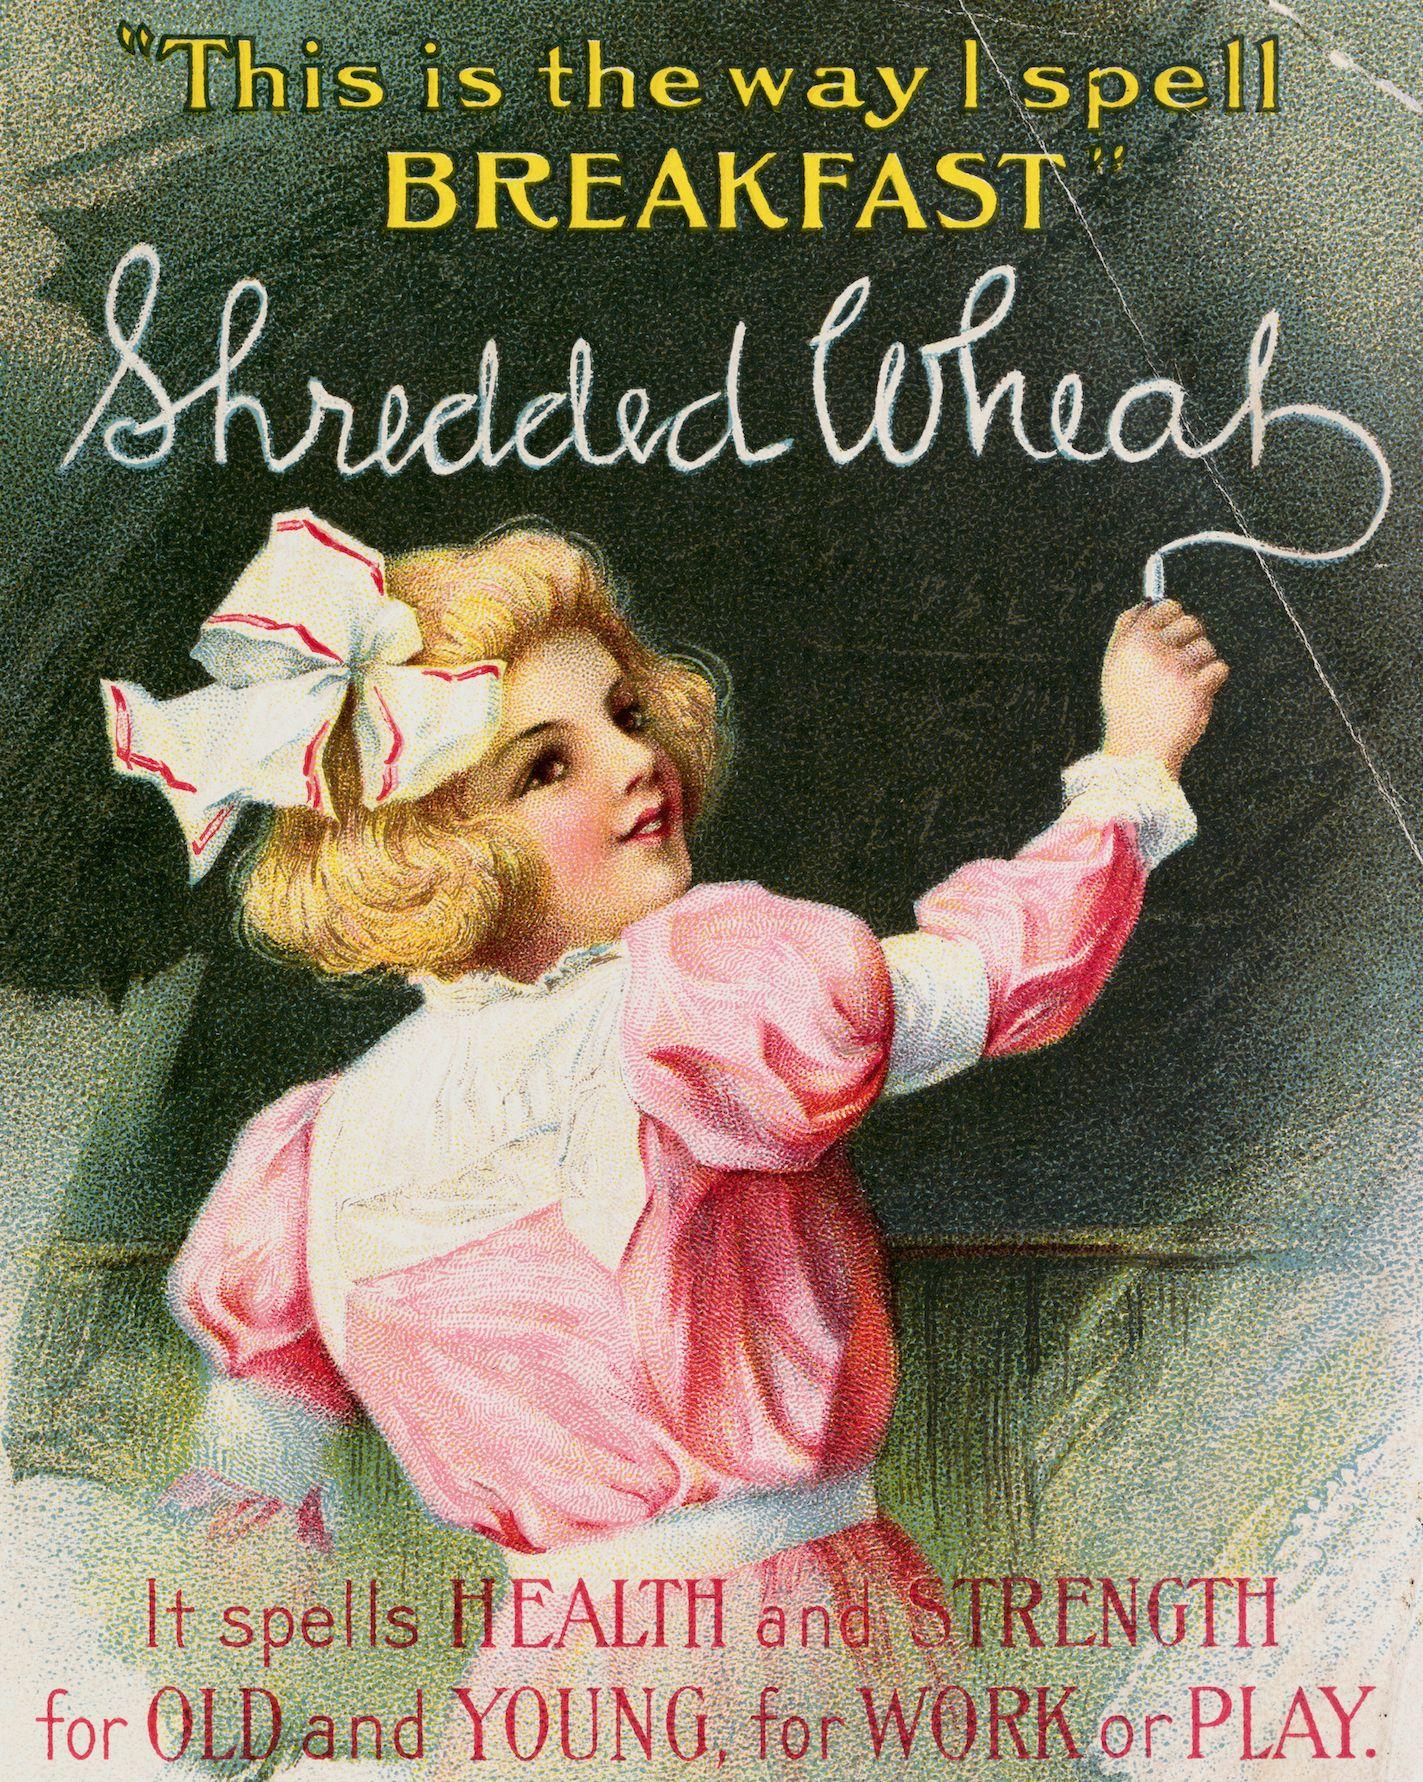 Advertisement for Shredded Wheat